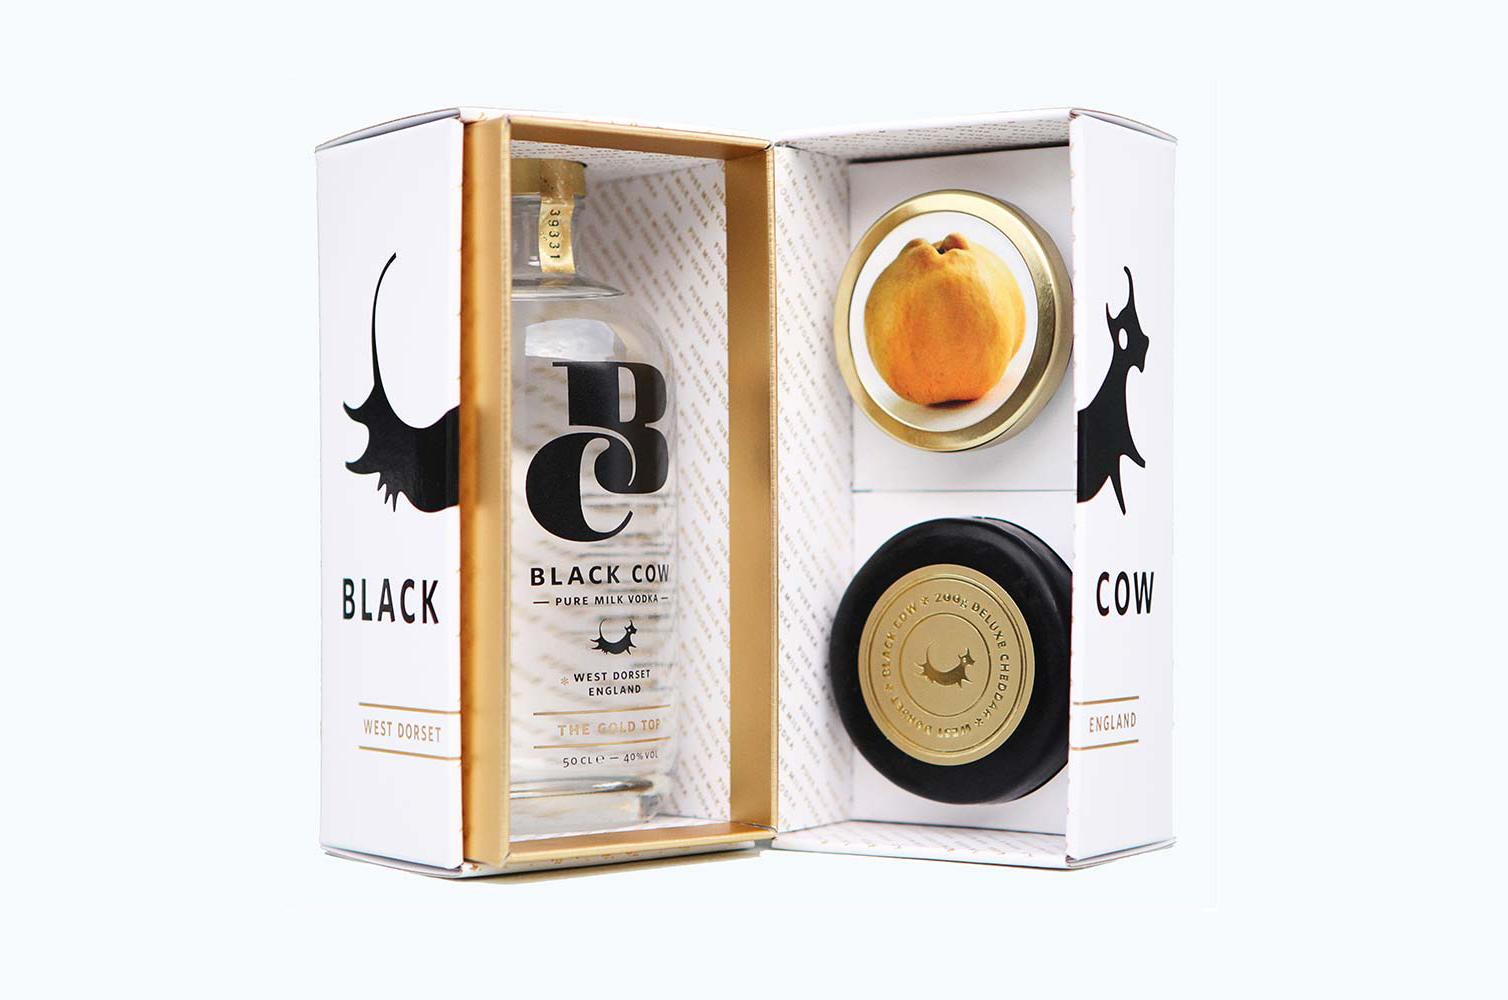 Cow Vodka gift box